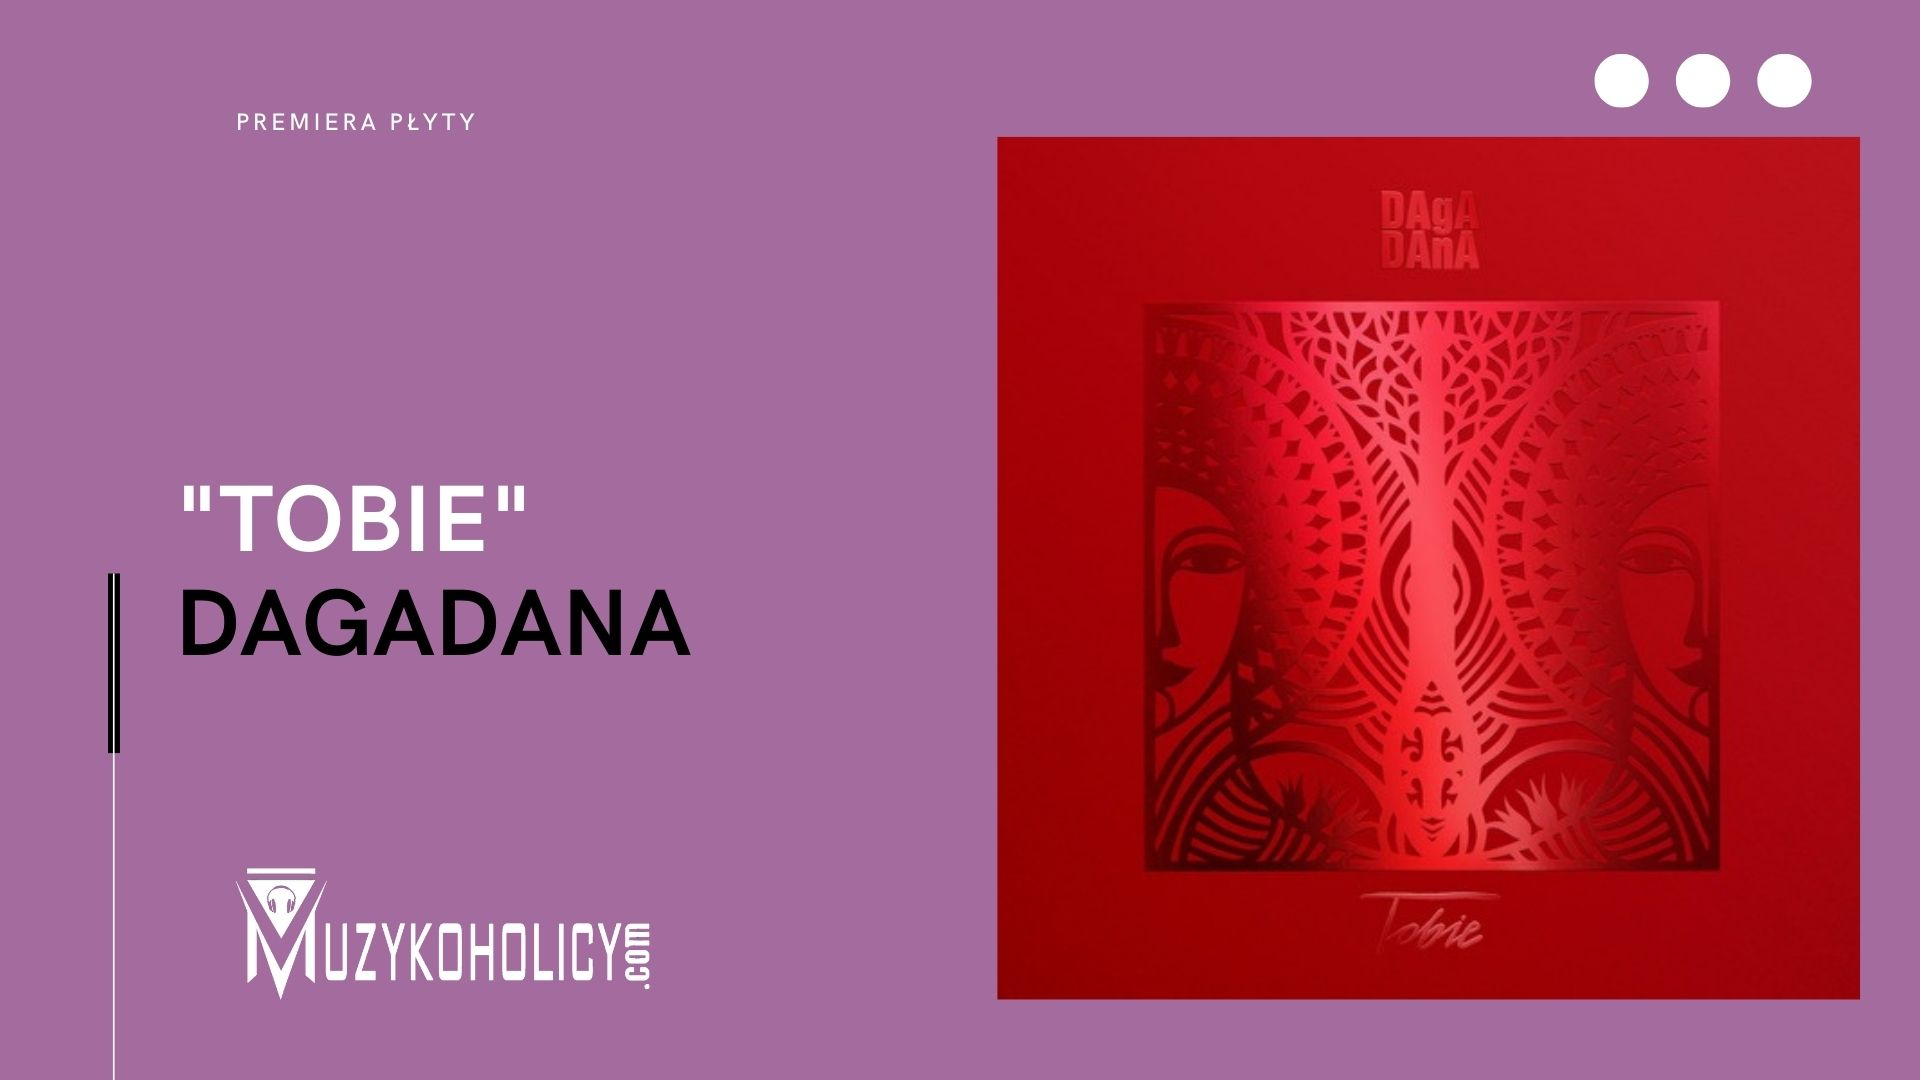 DAGADANA wydała piąty studyjny album